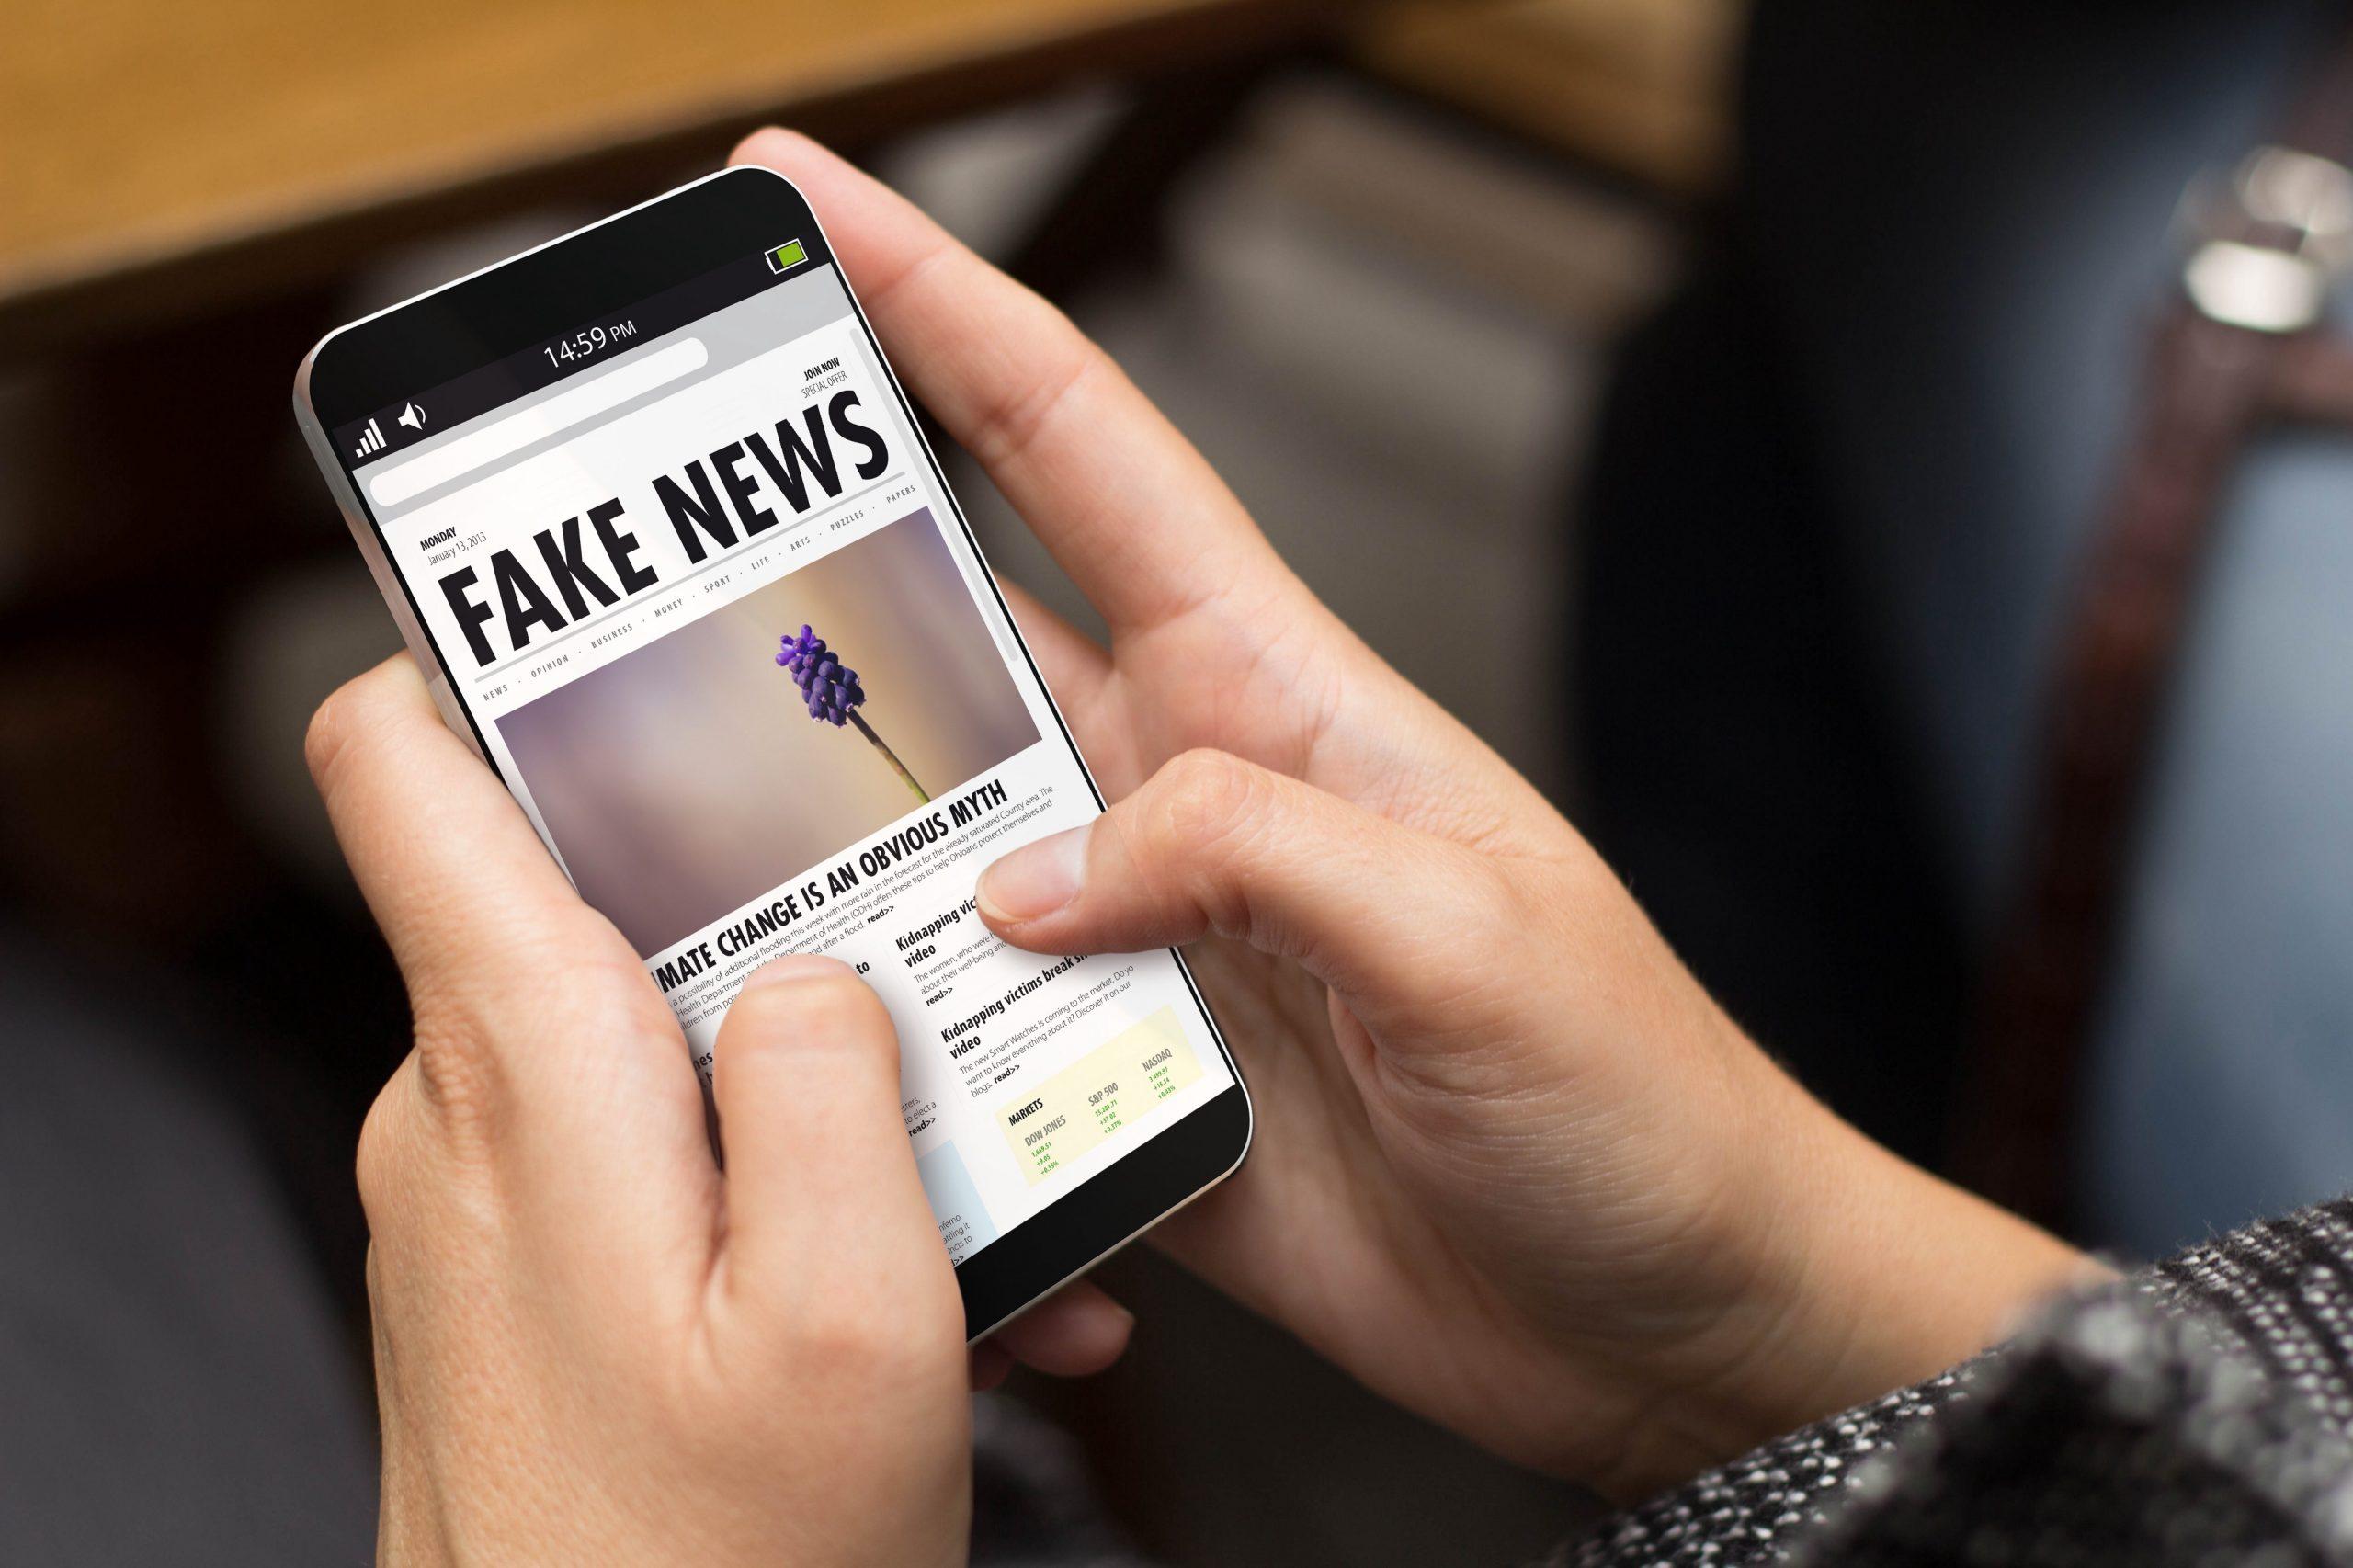 Creare video fake news sul Covid-19? Può costarvi caro: 5mila euro di multa per diffamazione